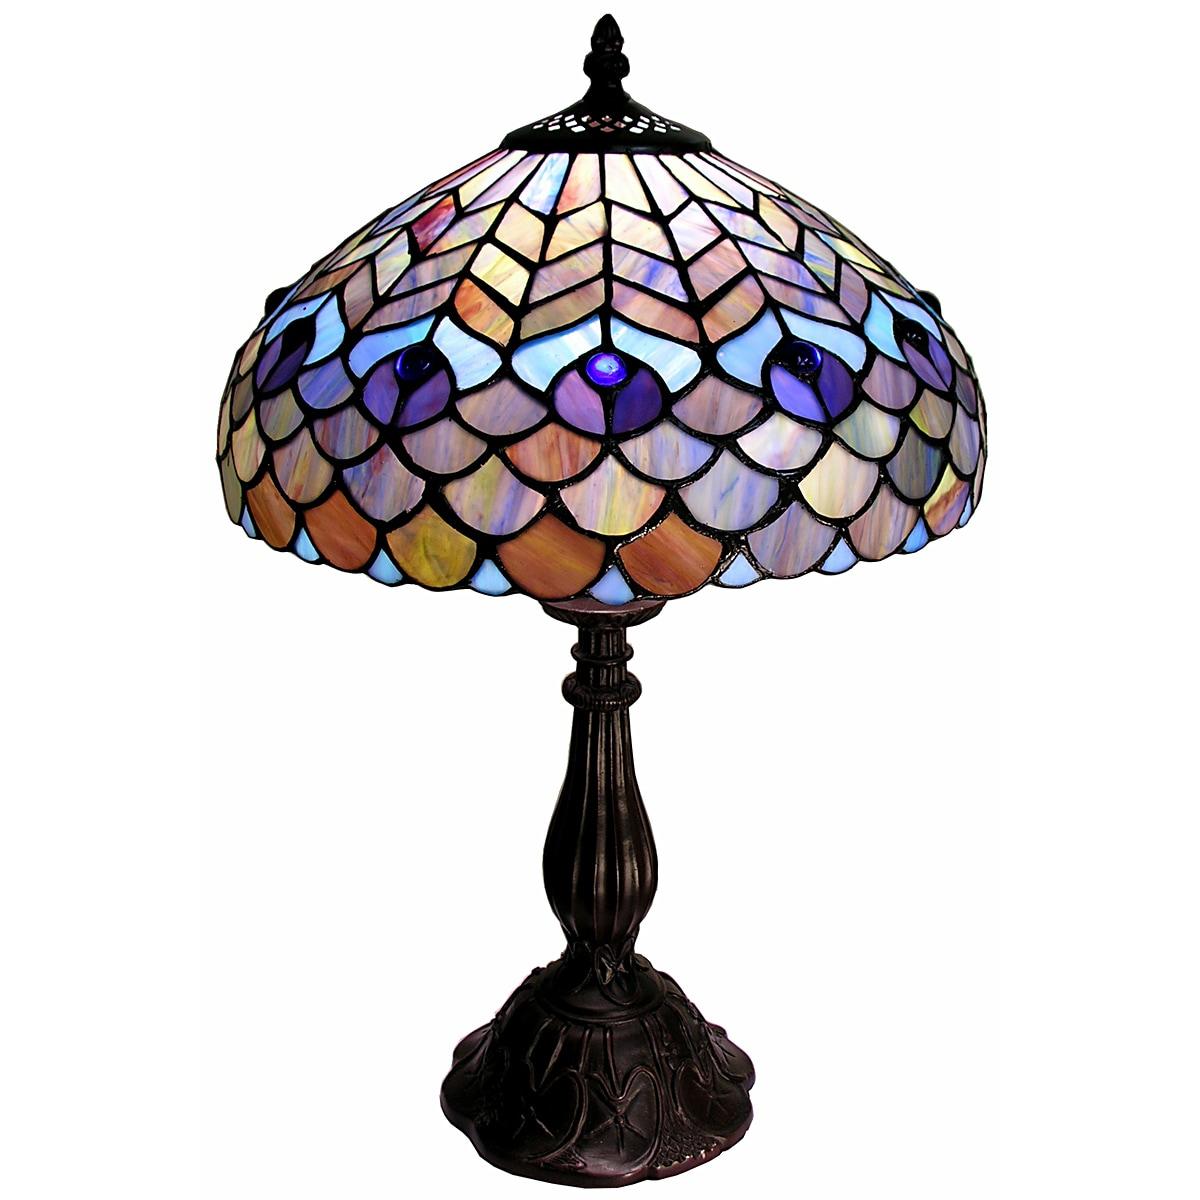 Warehouse Of Tiffany Tiffany Style Peacock Table Lamp